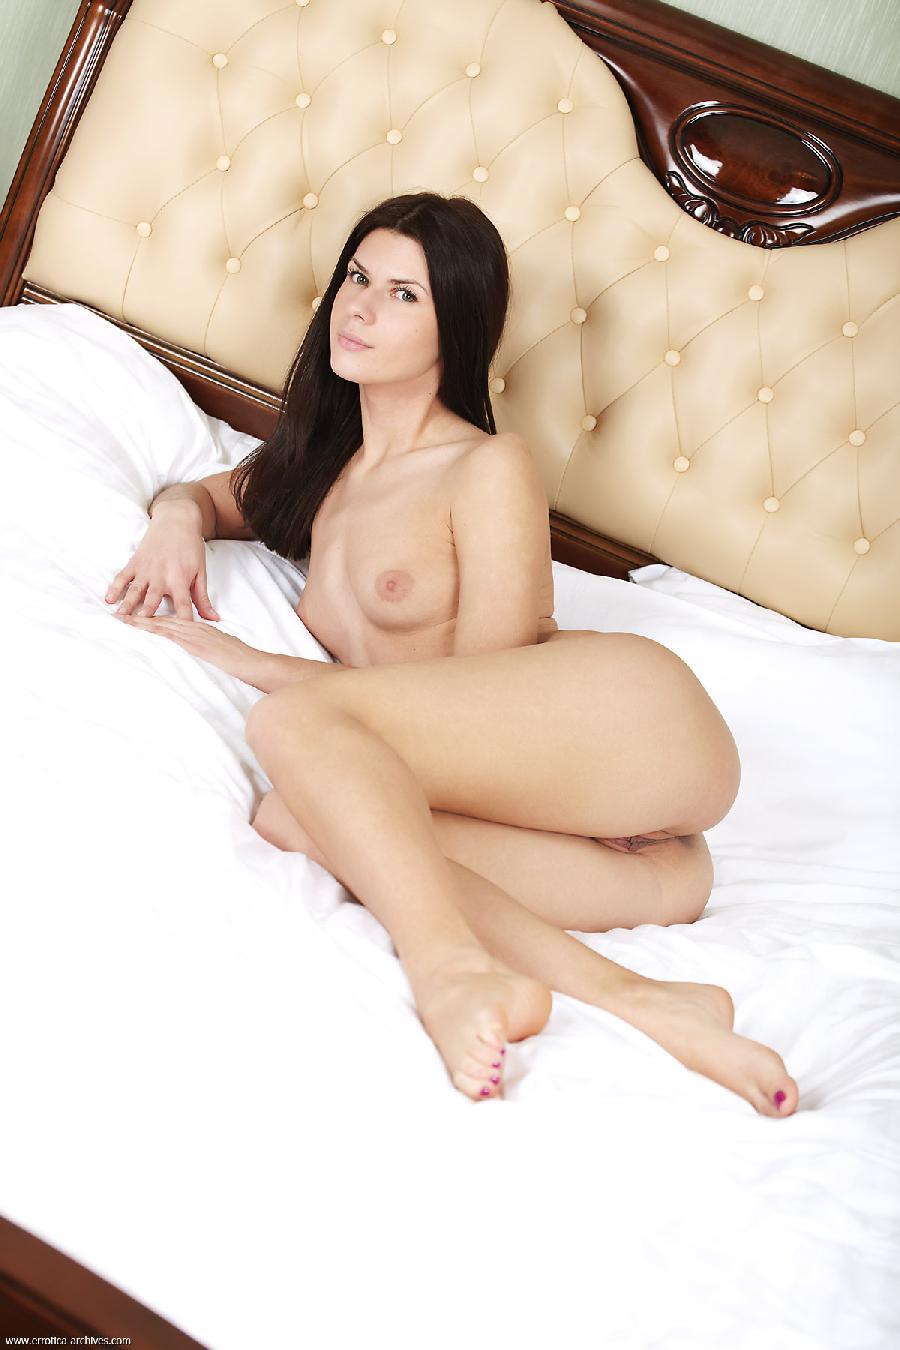 Gerda likes sleep naked - 5